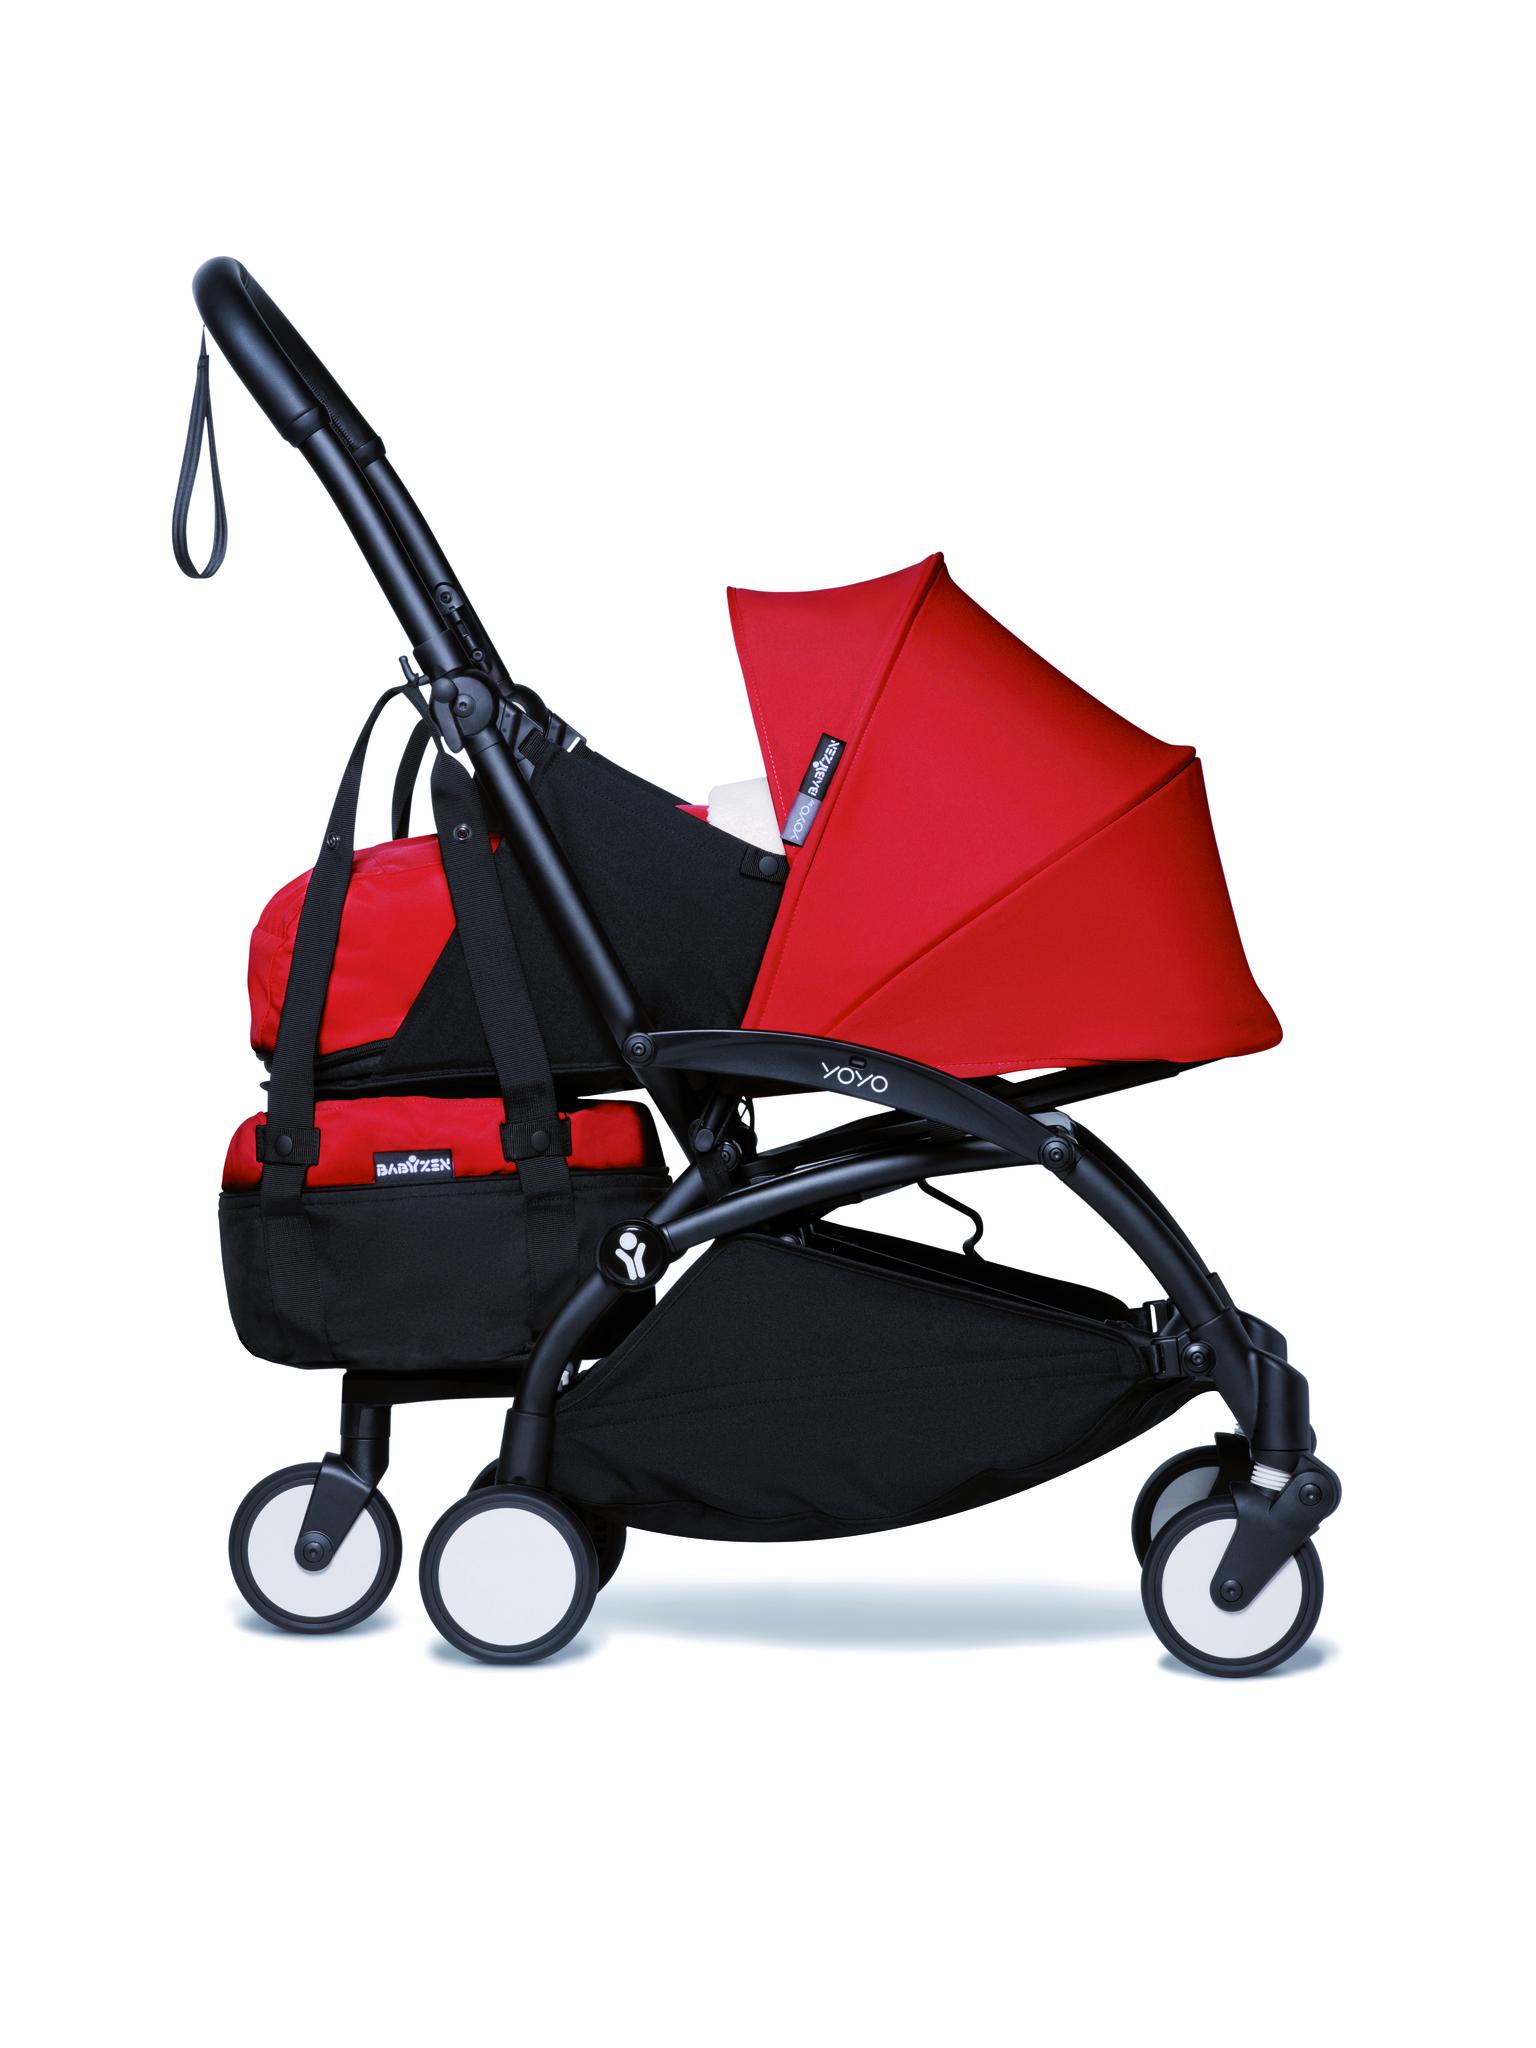 Сумка для коляски BabyZen YOYO+ Bag с колесом платформой Red Красный